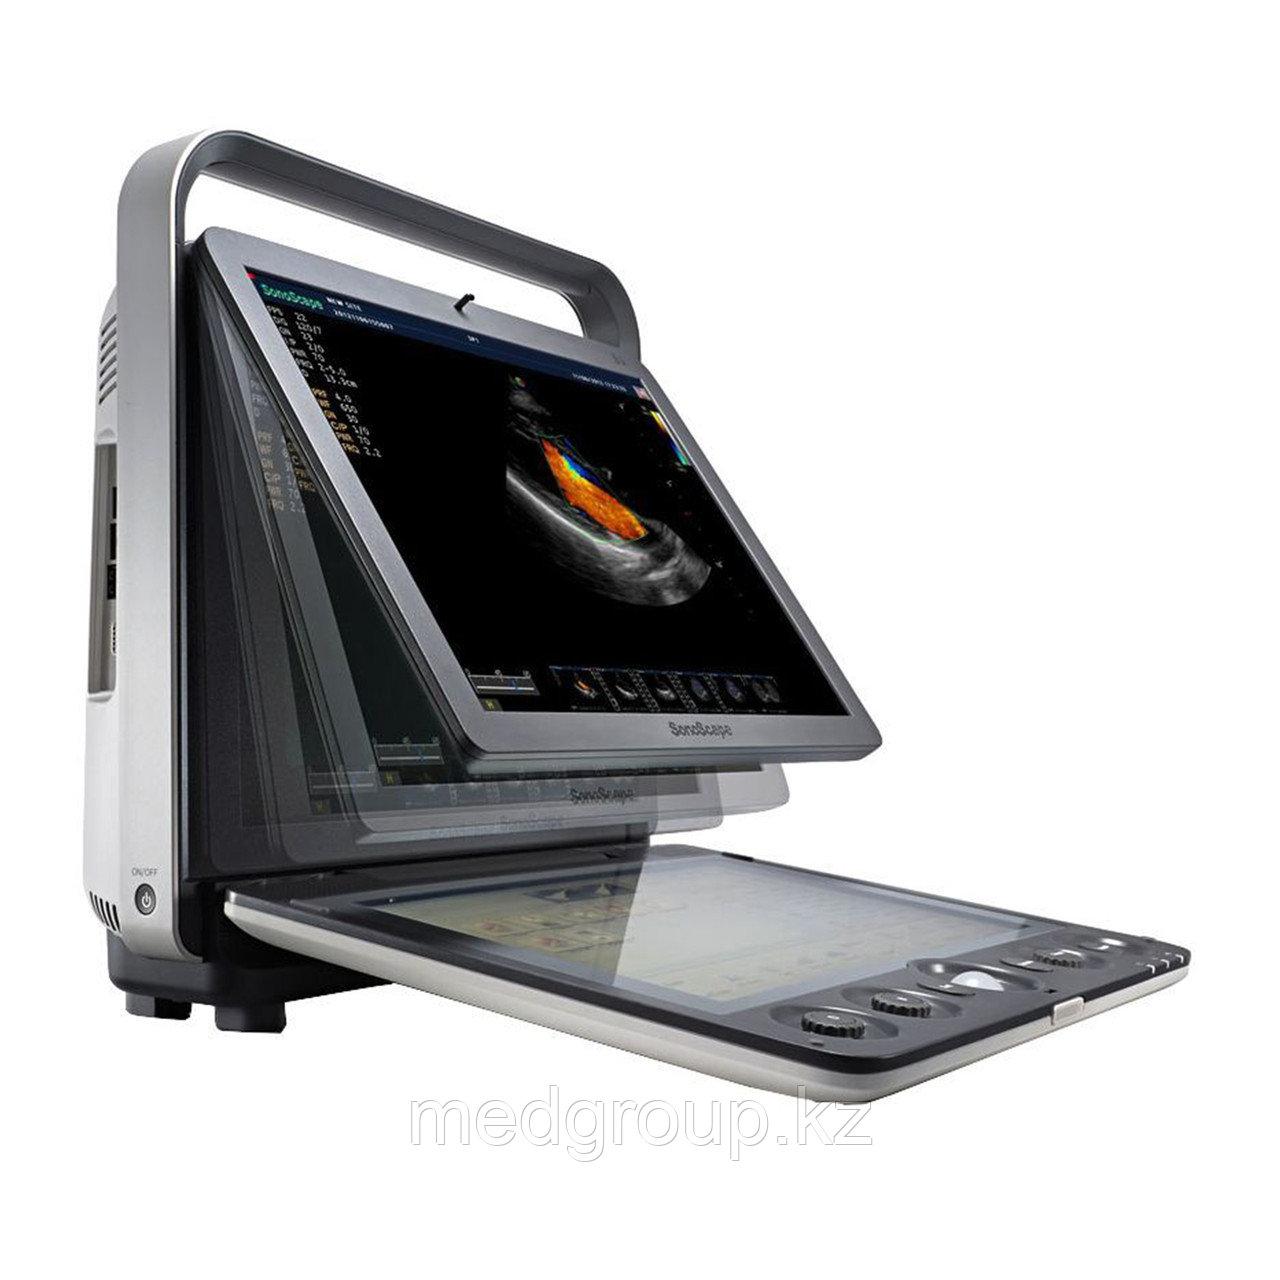 Ультразвуковая система (сканер) SonoScape S9